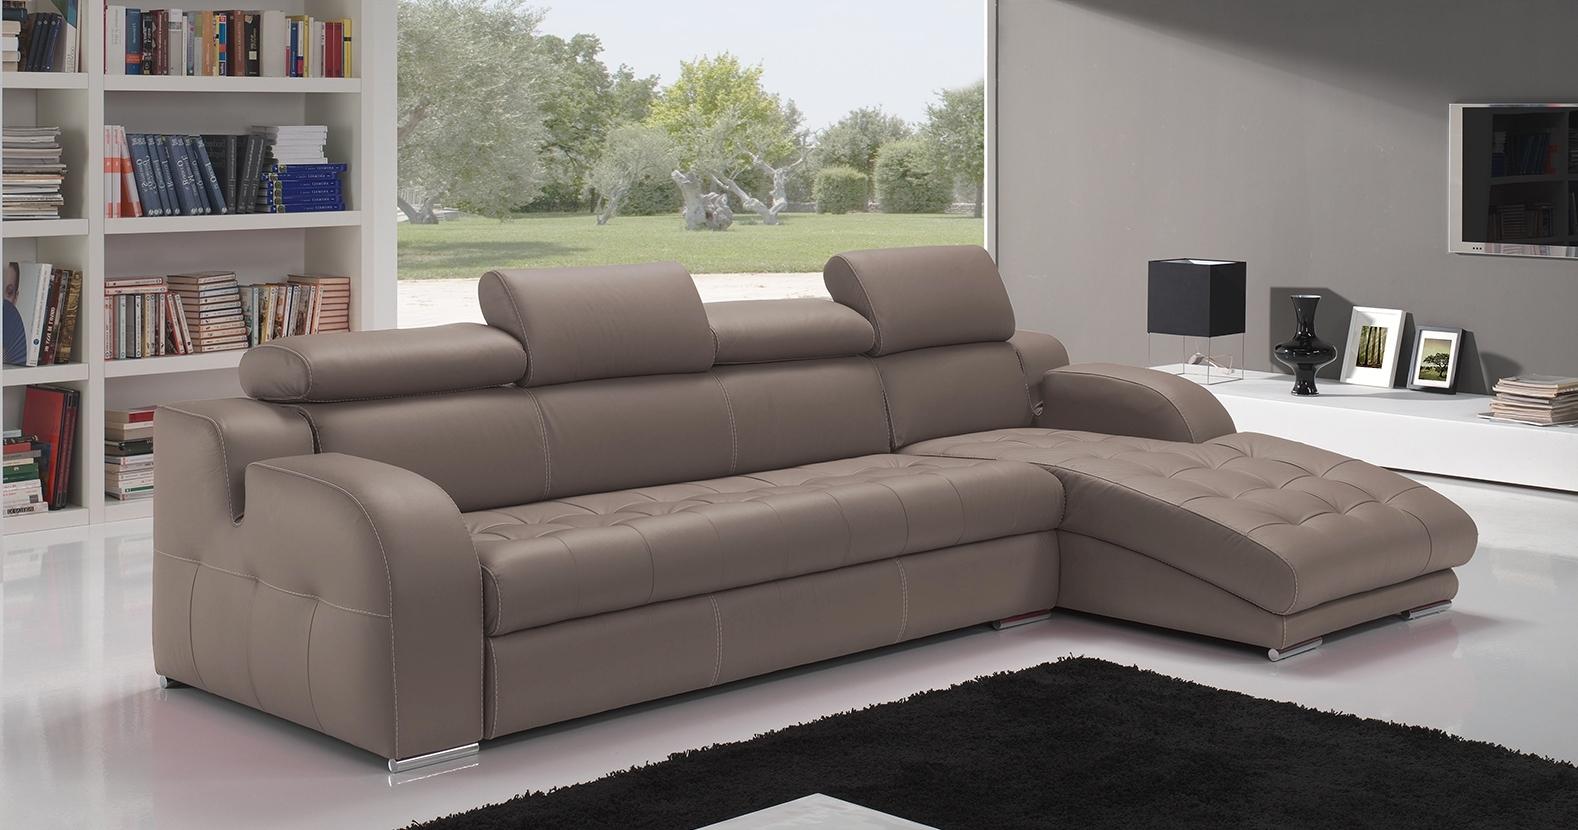 cannes t ti res r glables vachette ou buffle personnalisable sur univers du cuir. Black Bedroom Furniture Sets. Home Design Ideas